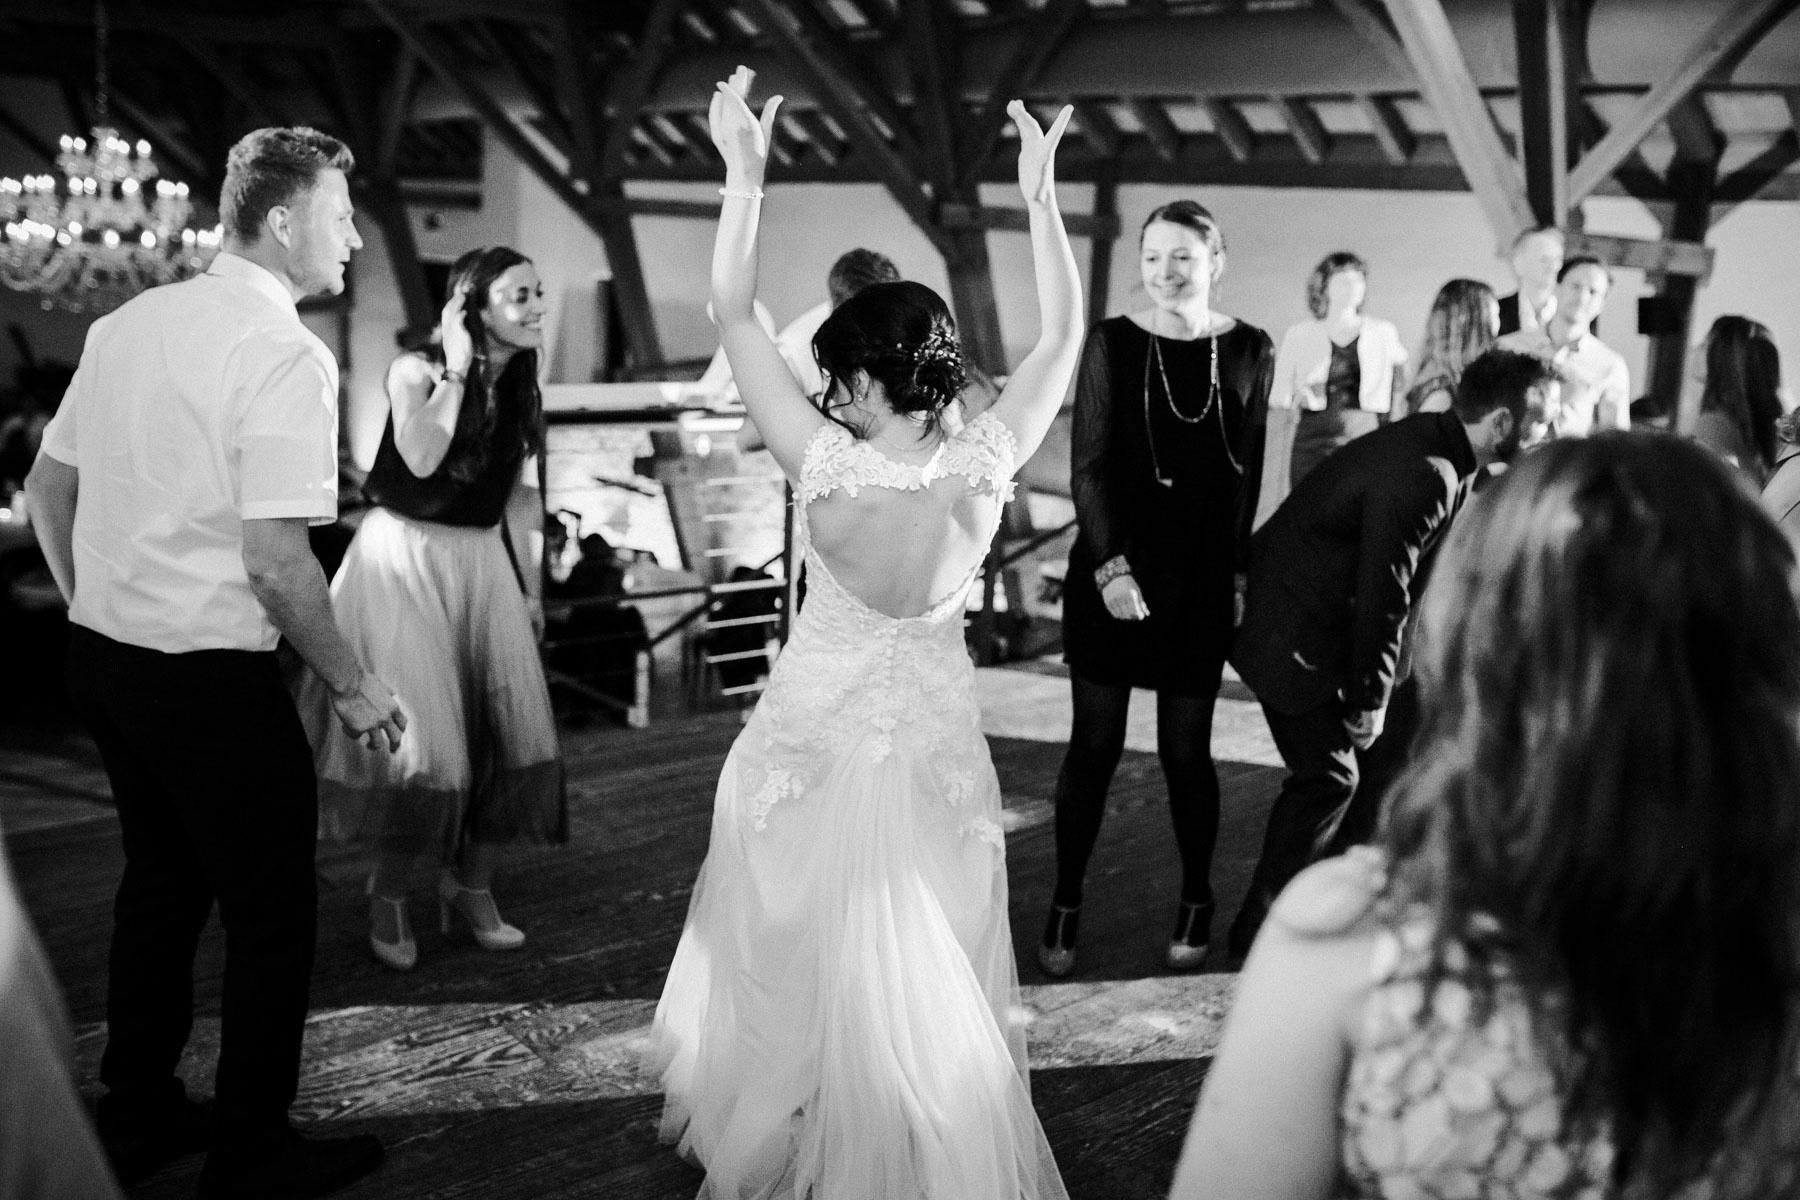 Hochzeitsreportage HofgutMaisenburg SilviaMichael Hochzeitsfotograf Top Hochzeitsfotografen MarcusBraun Fotografie www.mb fotografie.de 061 - Hochzeitsfotograf auf dem Hofgut Maisenburg in traumhafter Atmosphäre.